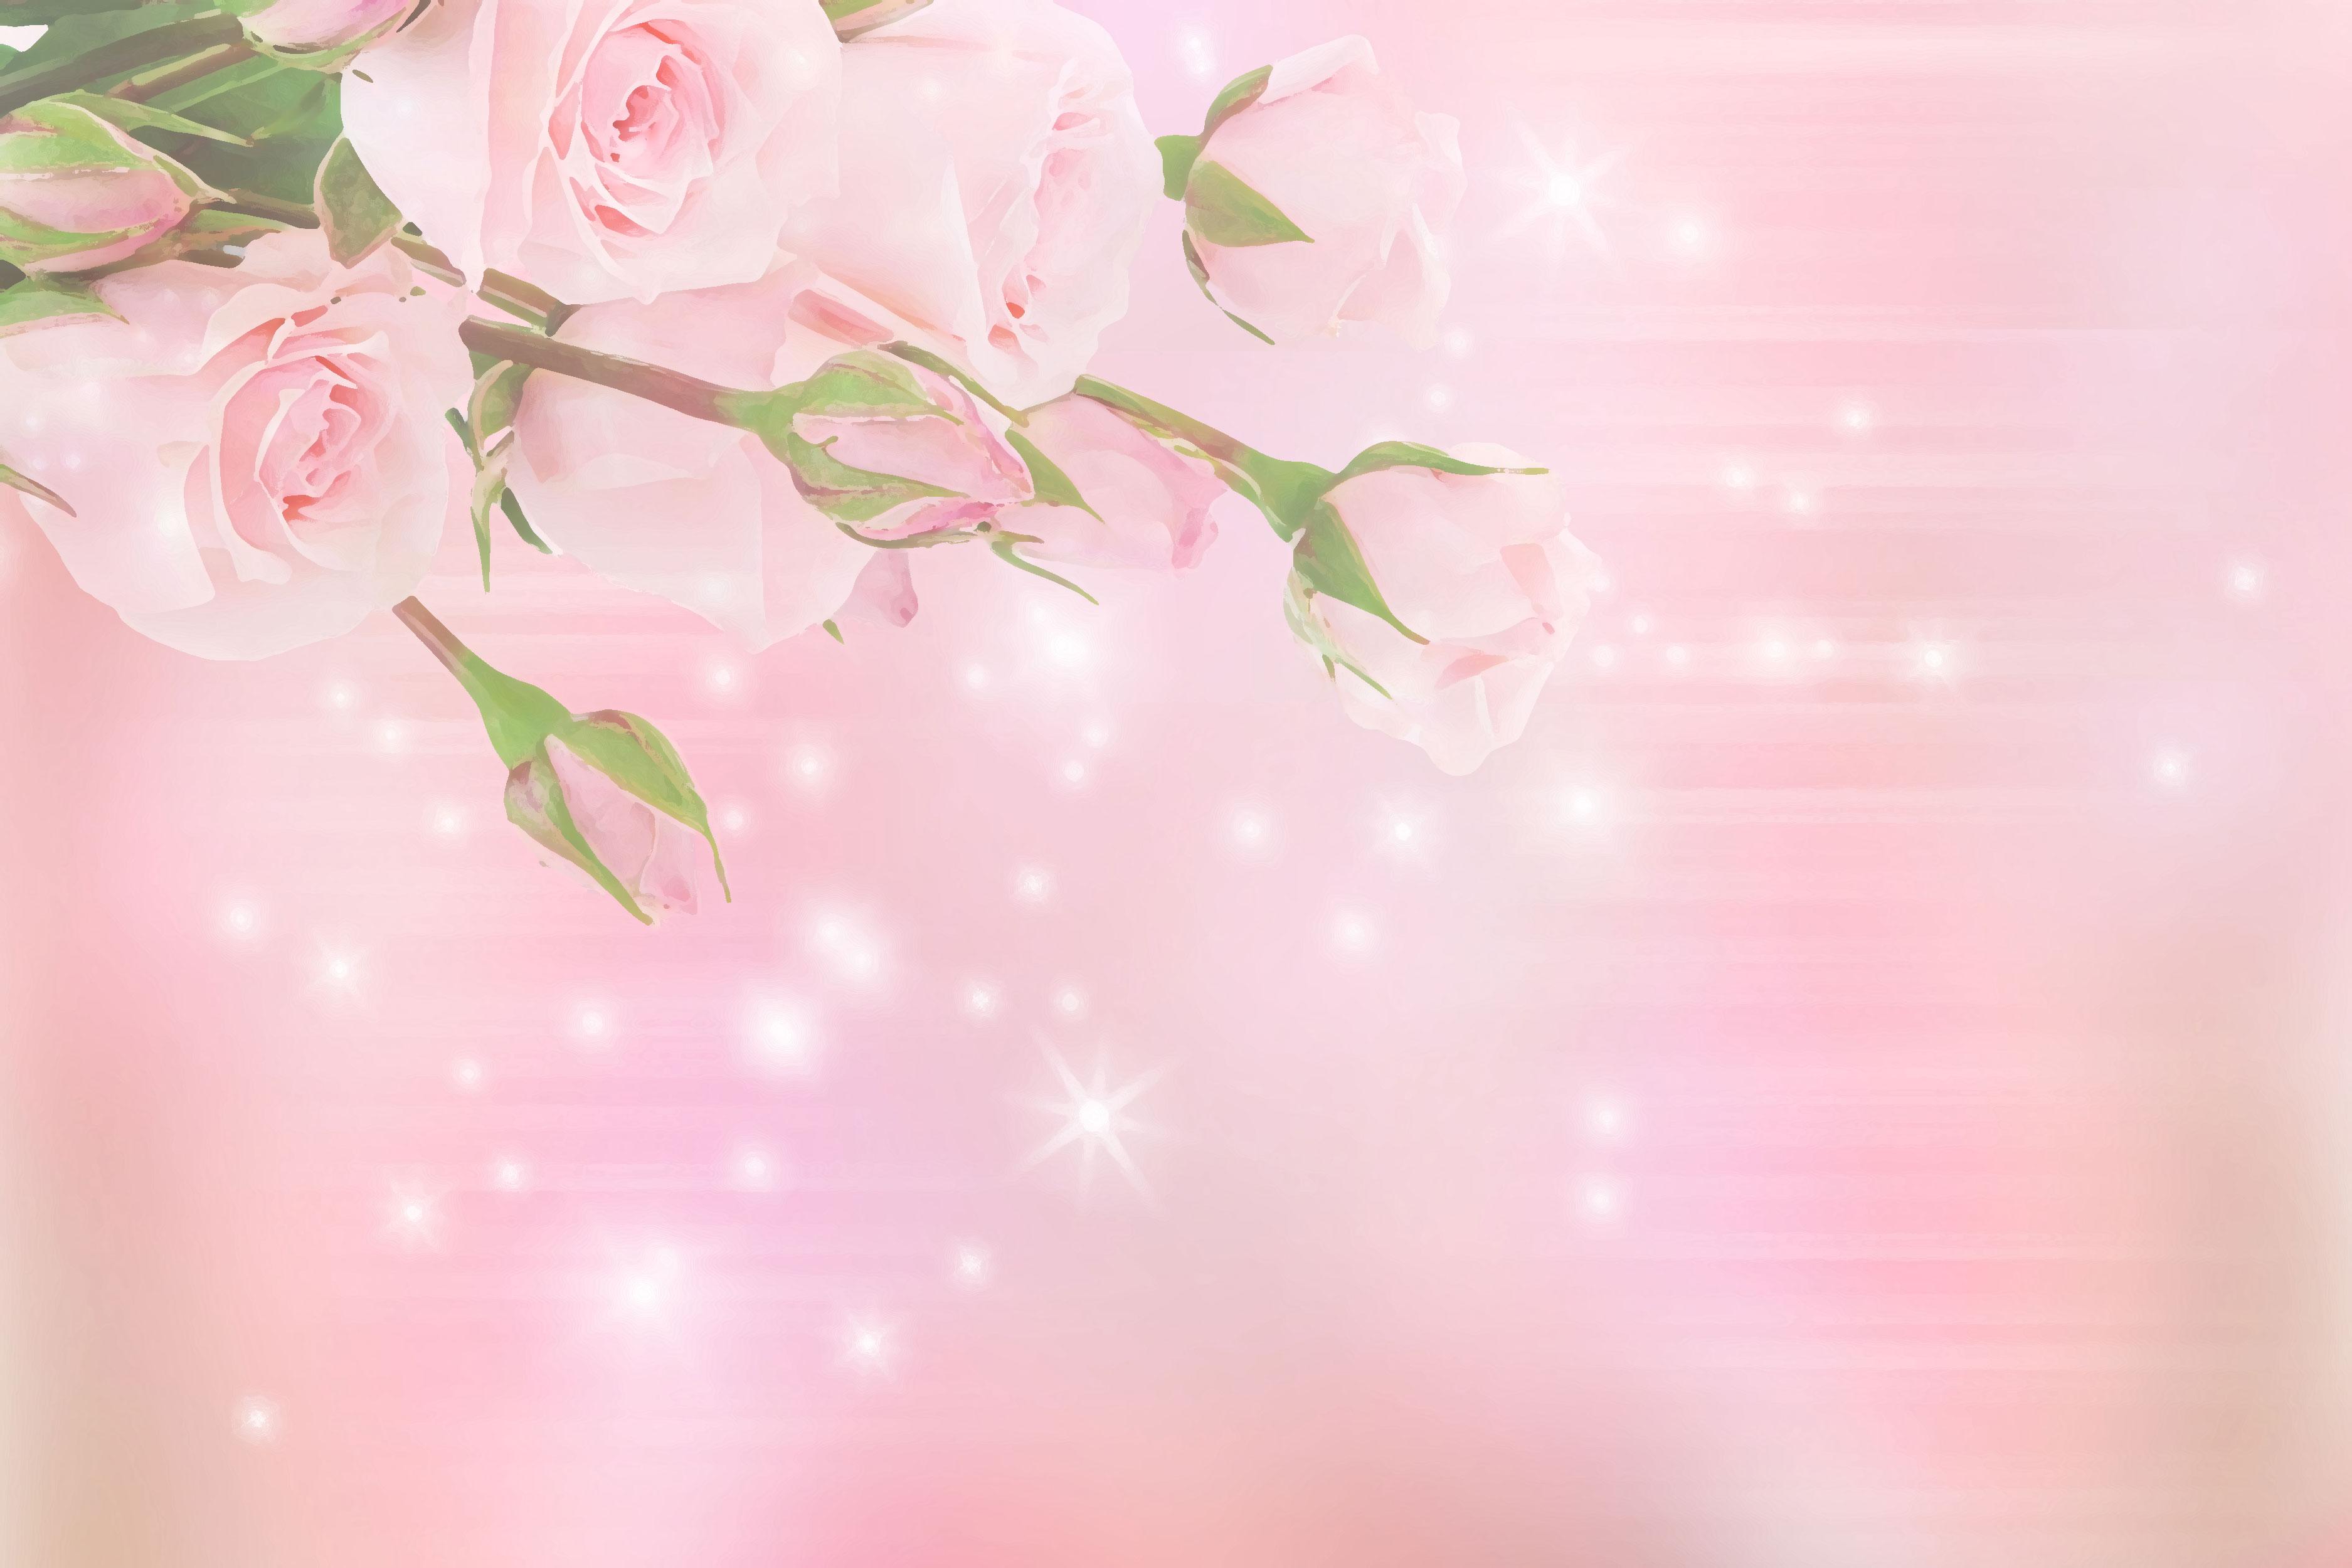 バラの画像 イラスト 壁紙 背景用 No 721 ピンクの薔薇 光彩